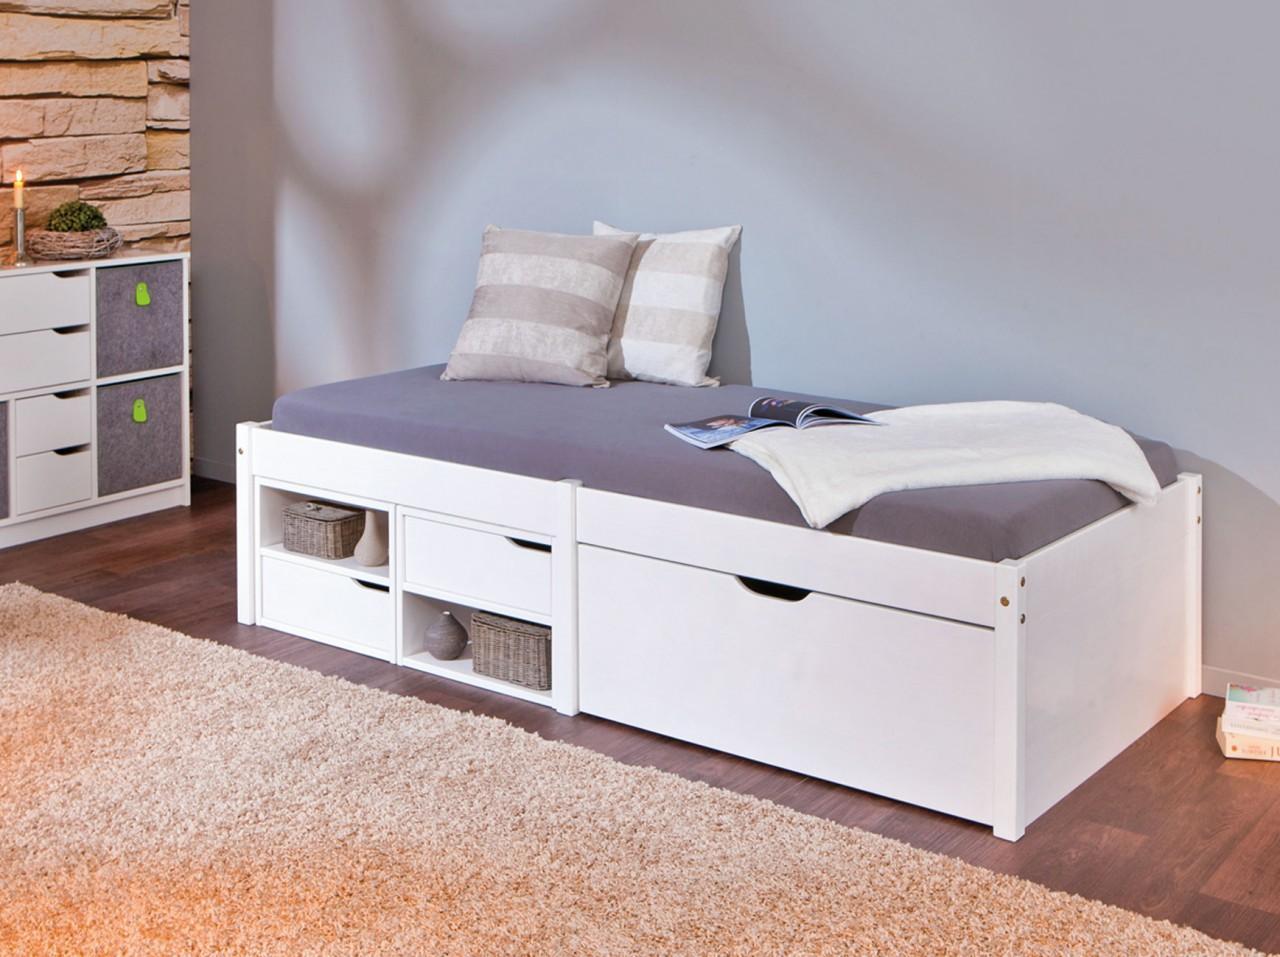 Kinderbett weiß mit schubladen  Kinderbett VARUM 90 x 200 Kiefer massiv weiß lackiert mit Schubladen